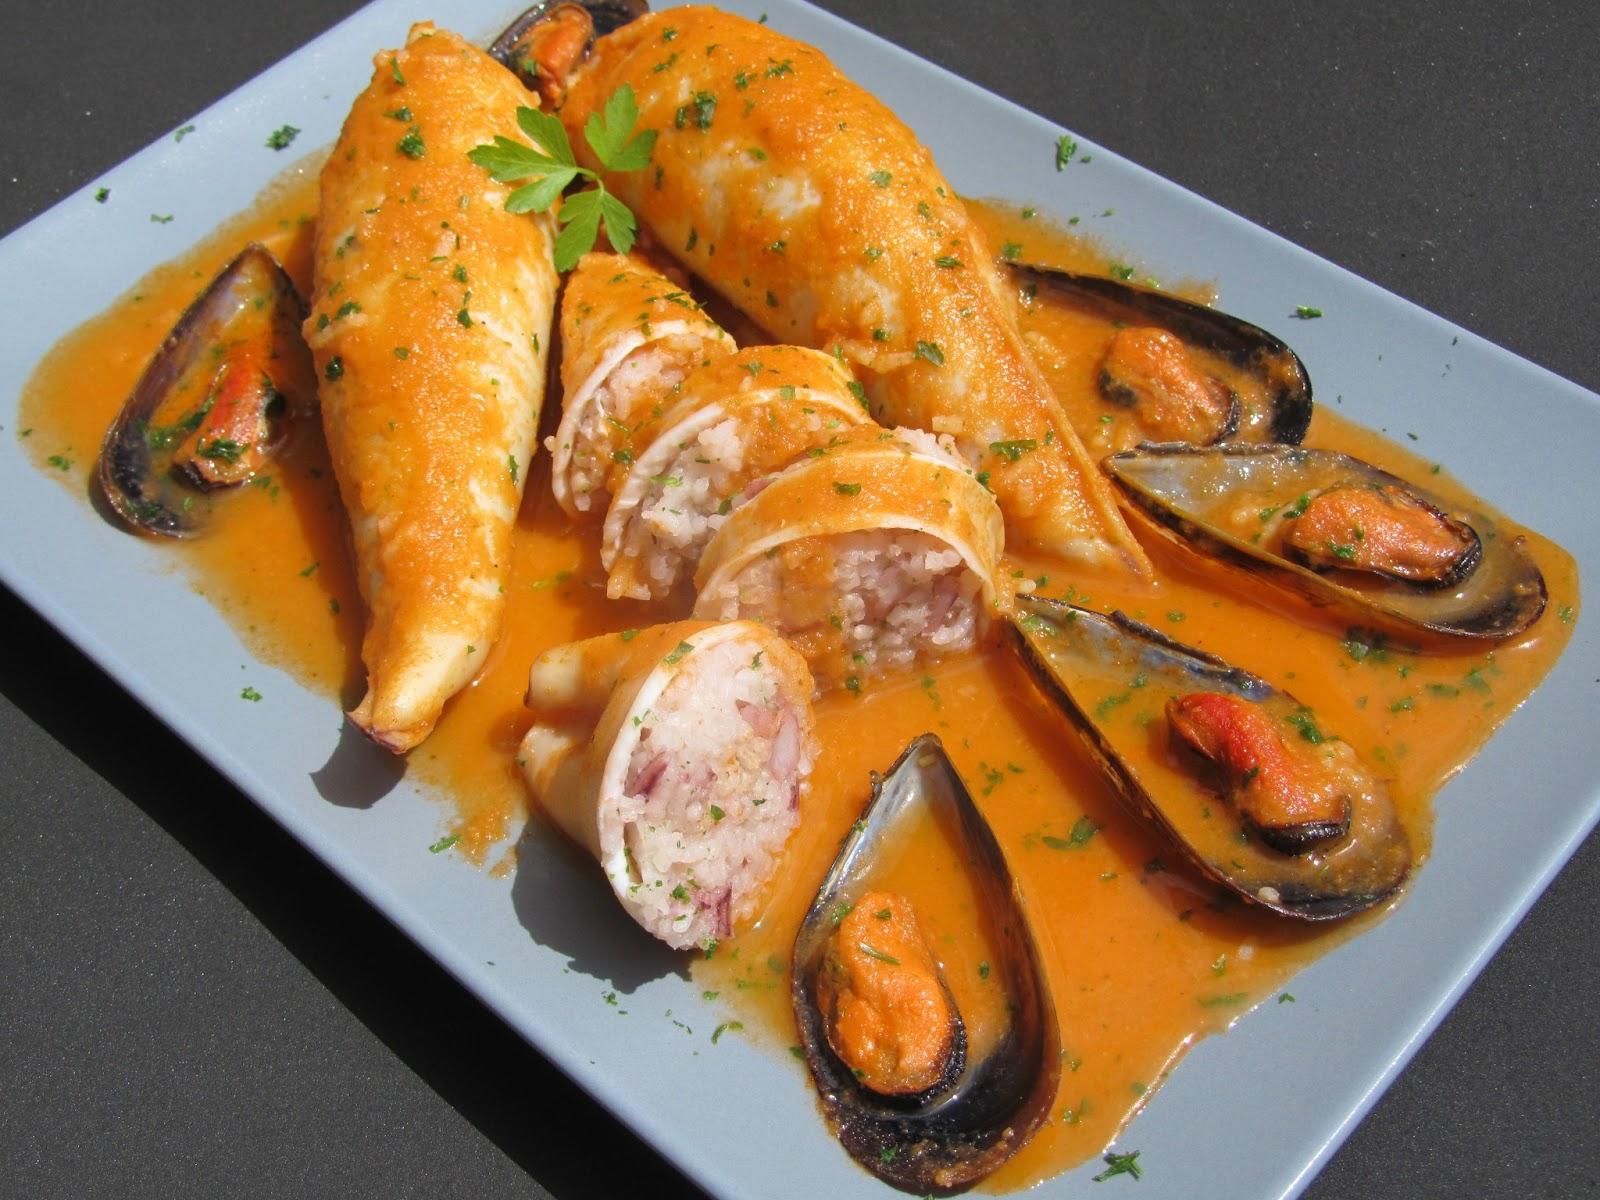 Calamares rellenos de arroz thermomix - Salsa para calamares rellenos ...